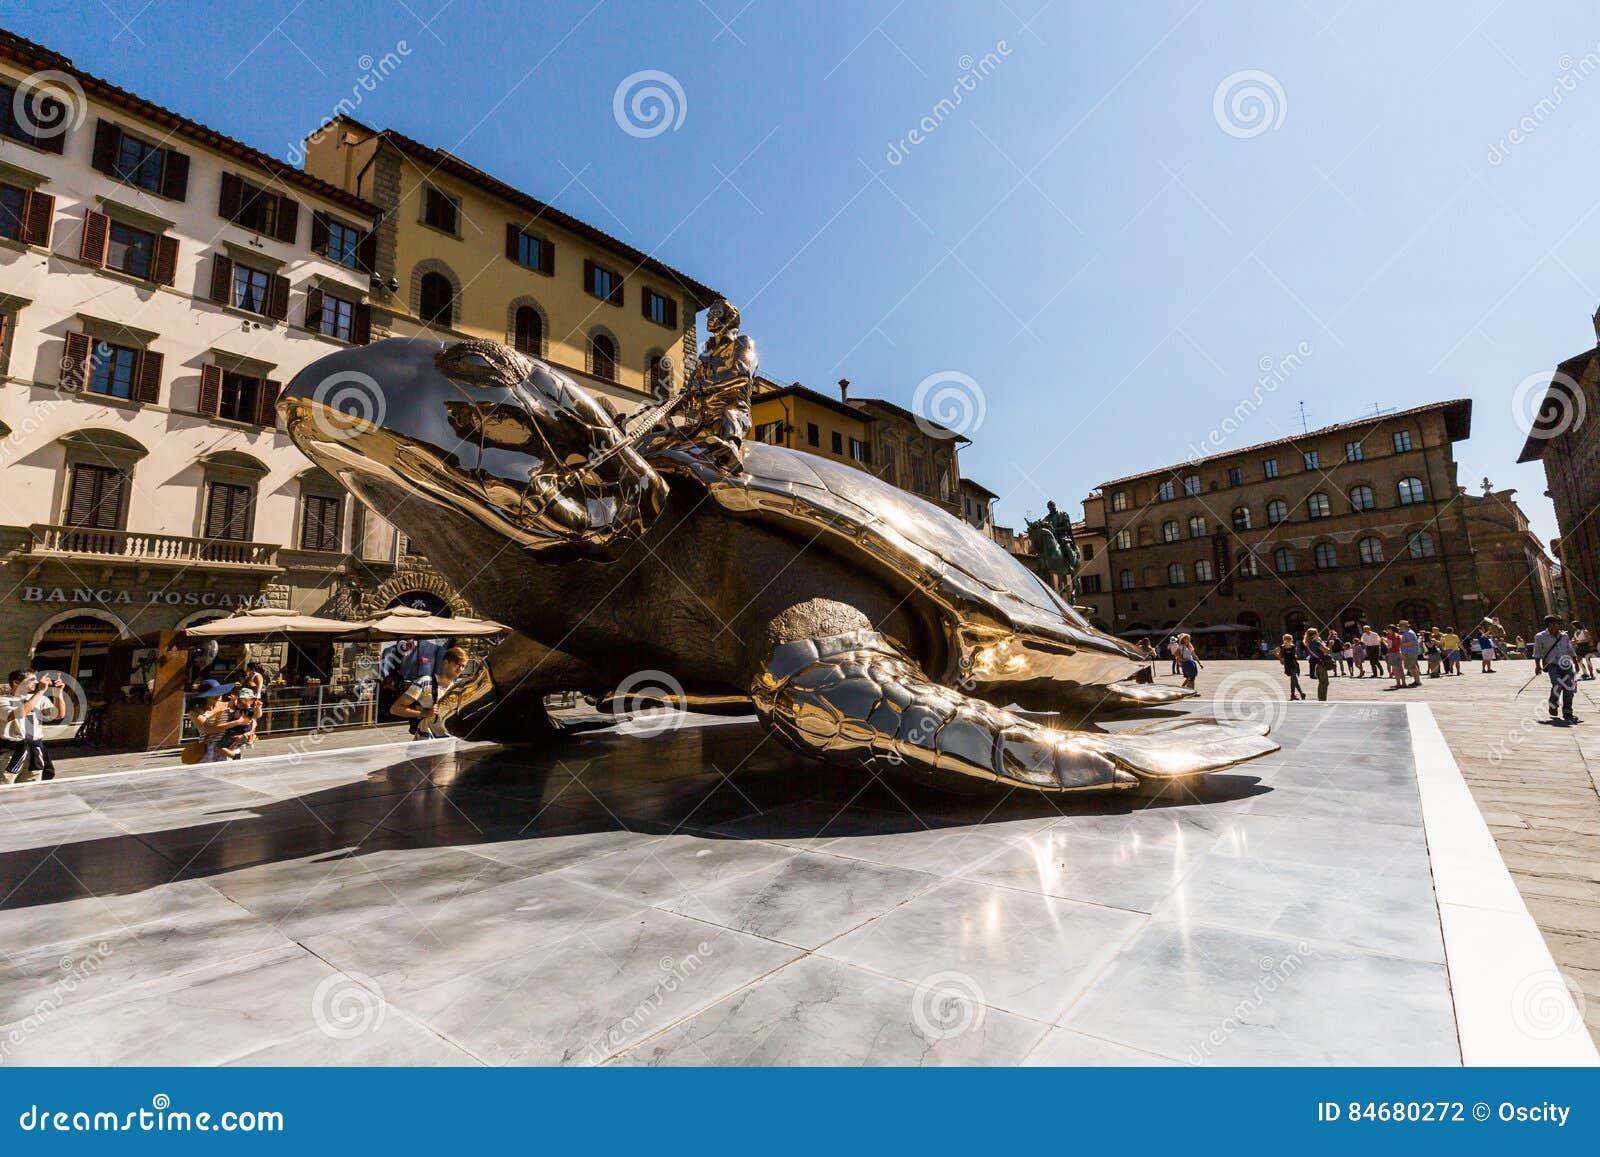 FLORENÇA, ITÁLIA - 17 DE JULHO DE 2016  Vista do della Signoria da praça e  uma instalação da arte com uma tartaruga dourada o 17 de julho de 2016 Este  ... 215d840846